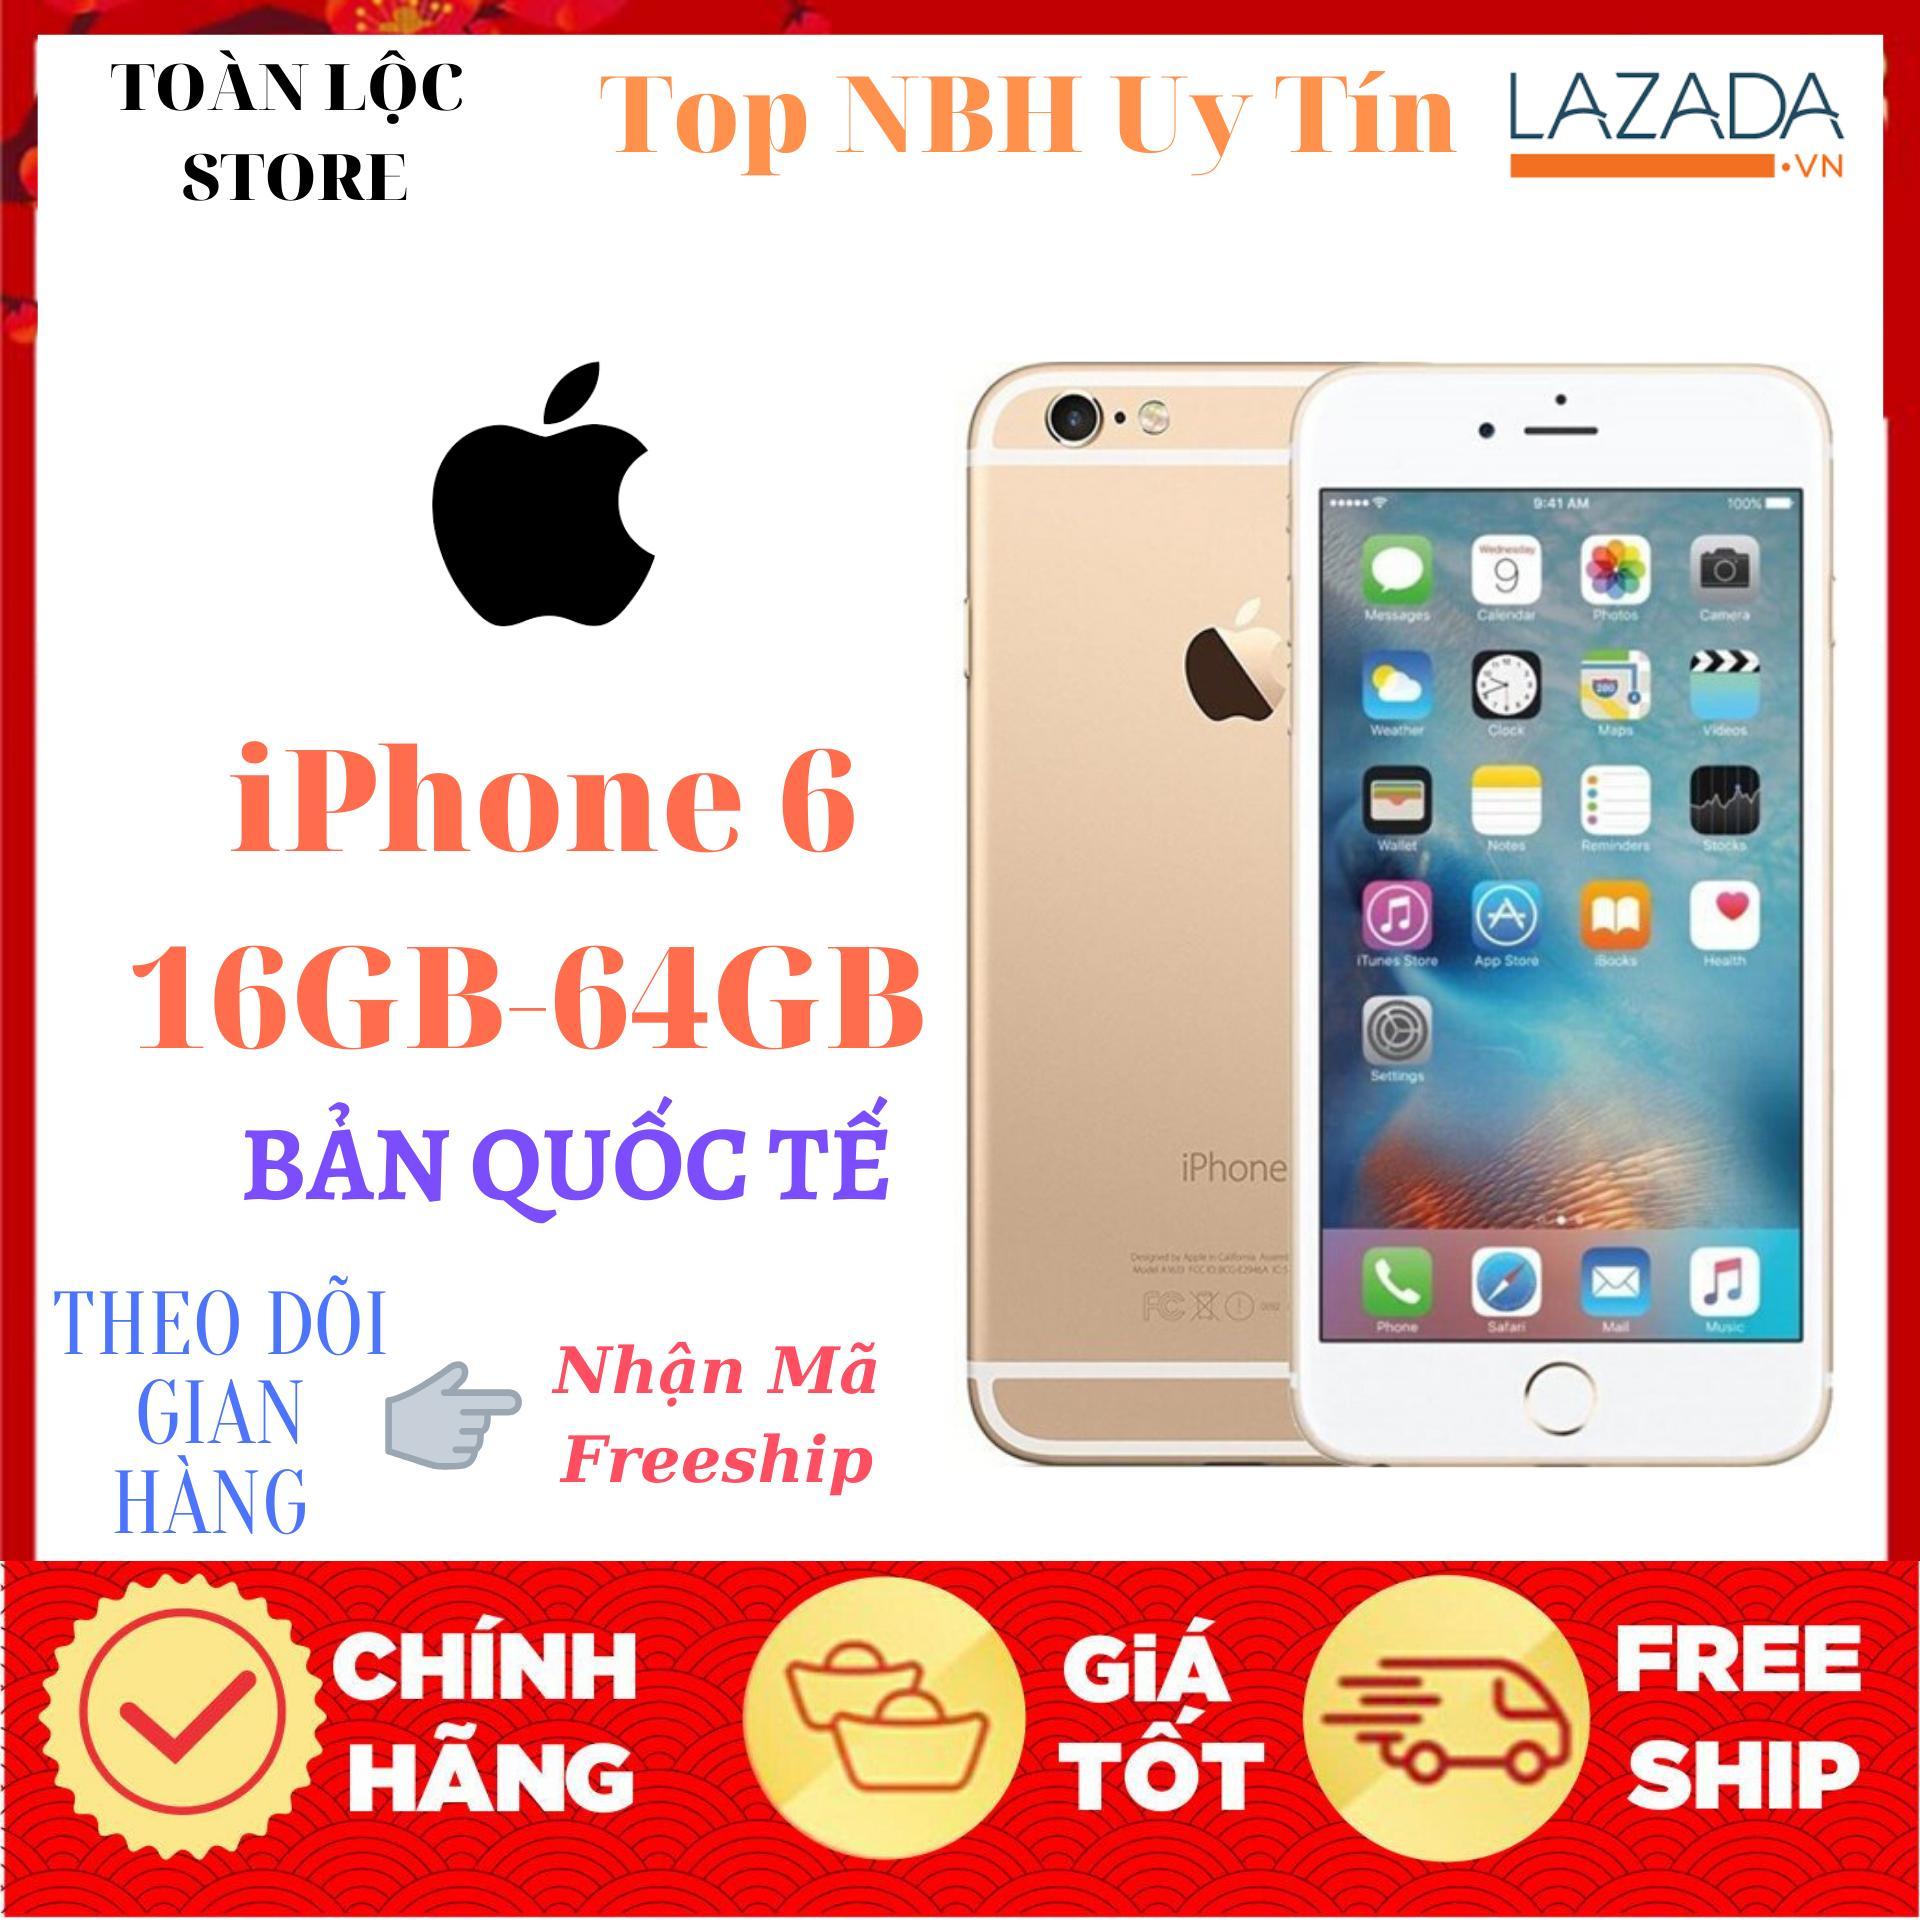 """Điện Thoại Apple Iphone 6 64Gb- Bản Quốc Tế Màn hình: LED-backlit IPS LCD, 4.7"""";, Retina HD - CPU Apple A8 2 nhân-Mới Full Chức Năng Bảo Hành 1 Đổi 1 miễn phí tận nhà"""